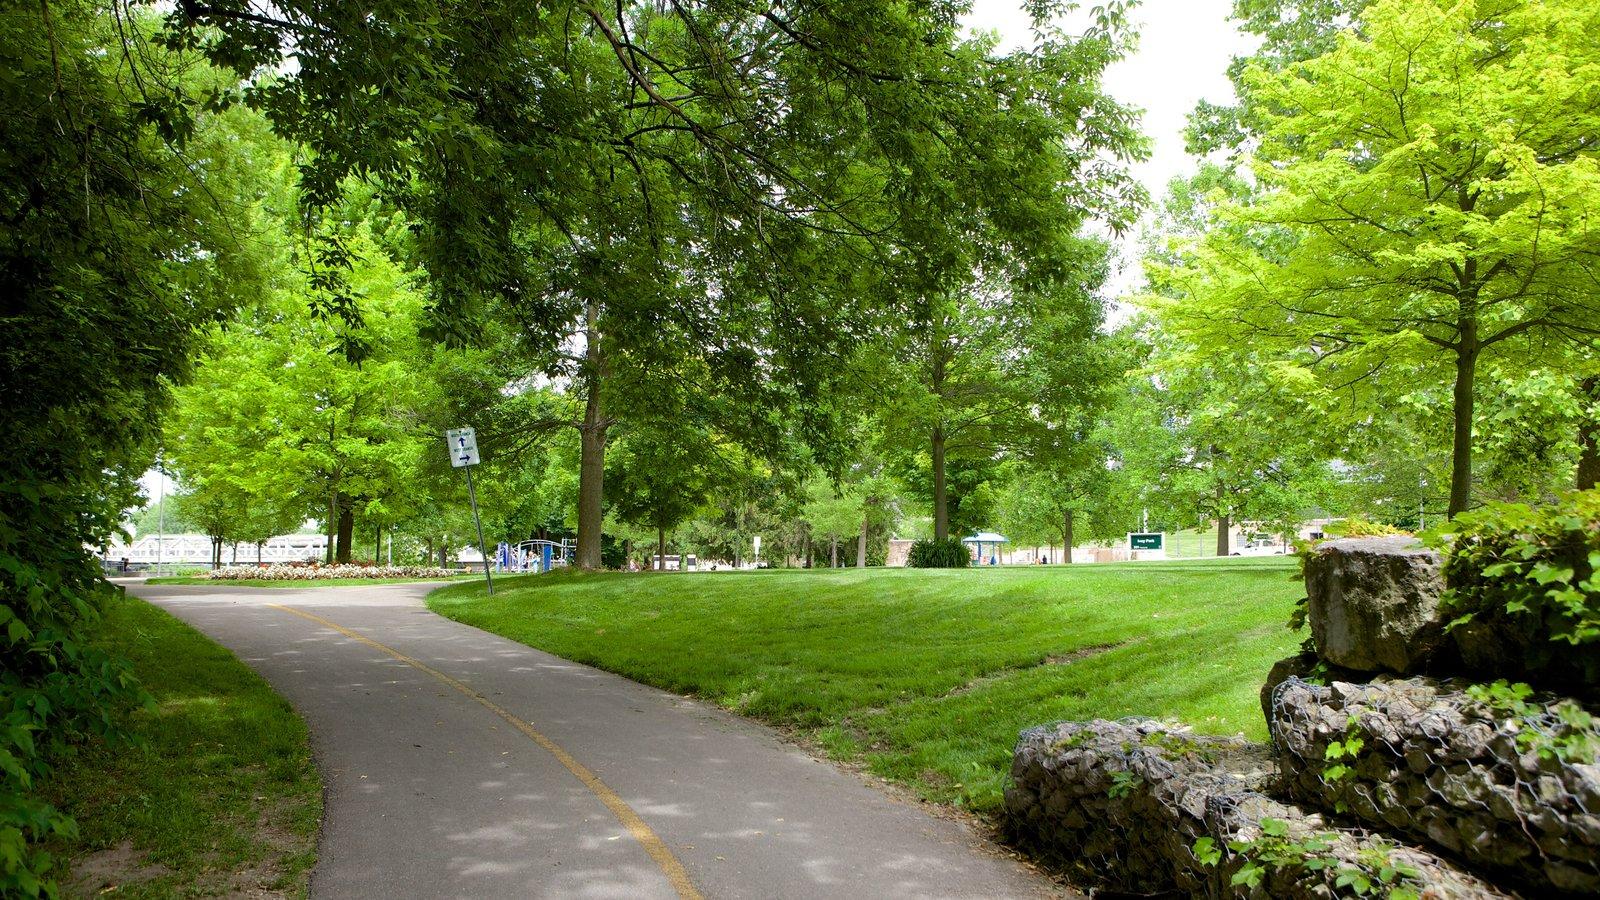 London, ON que incluye un parque